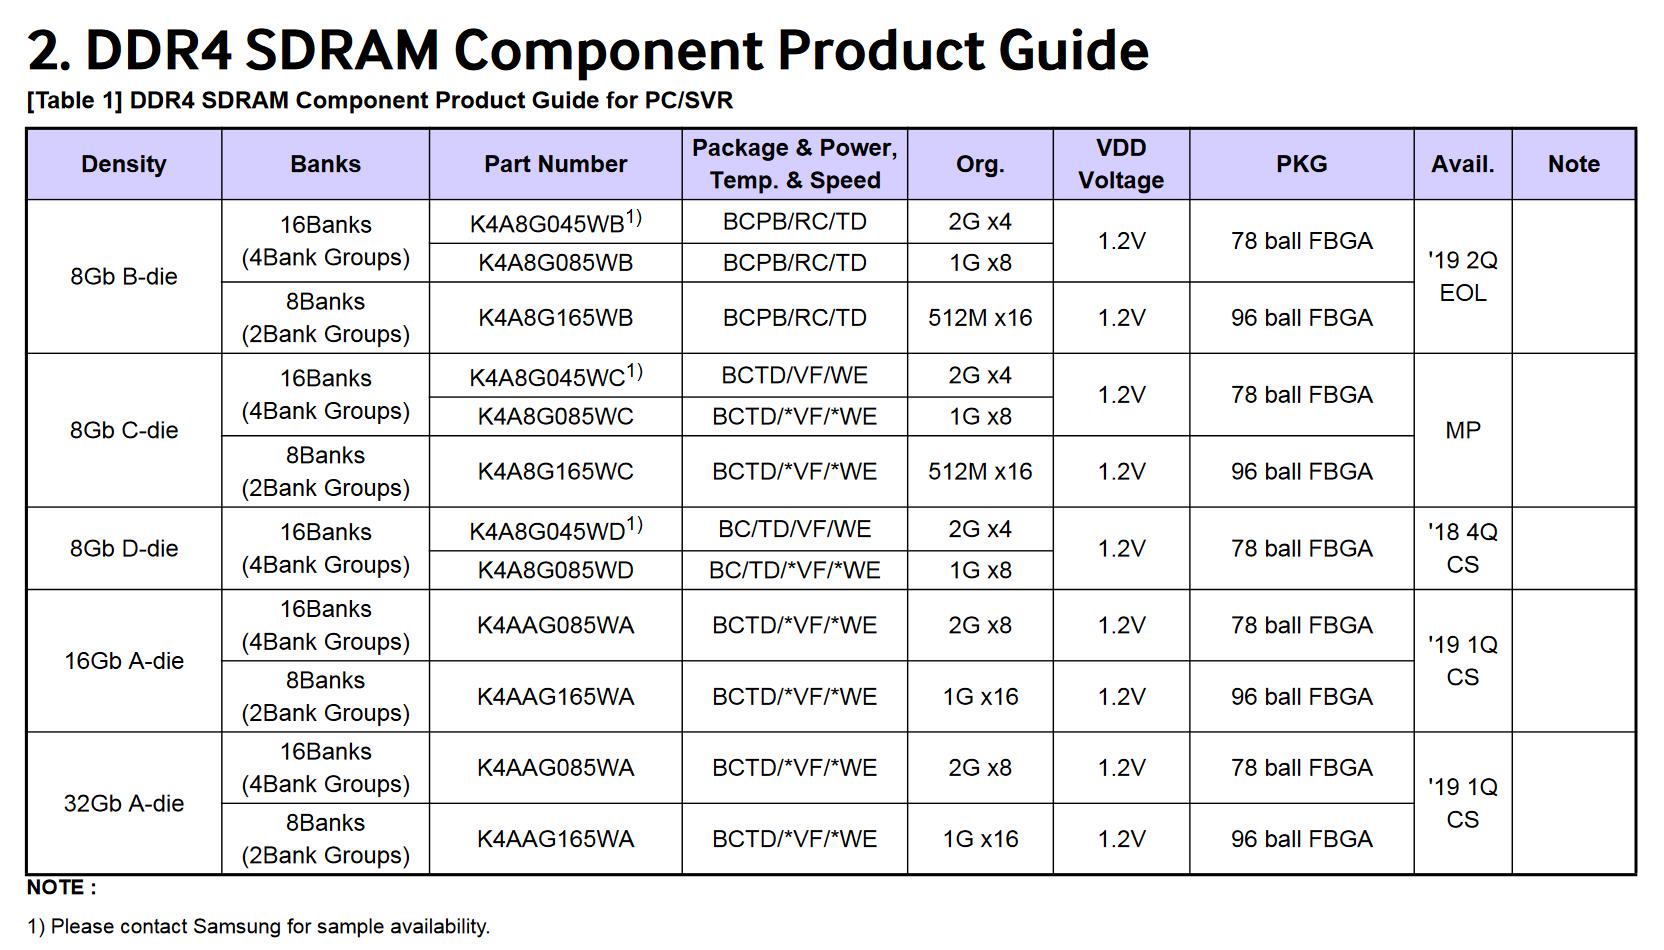 Samsung - katalog DDR4 B-die